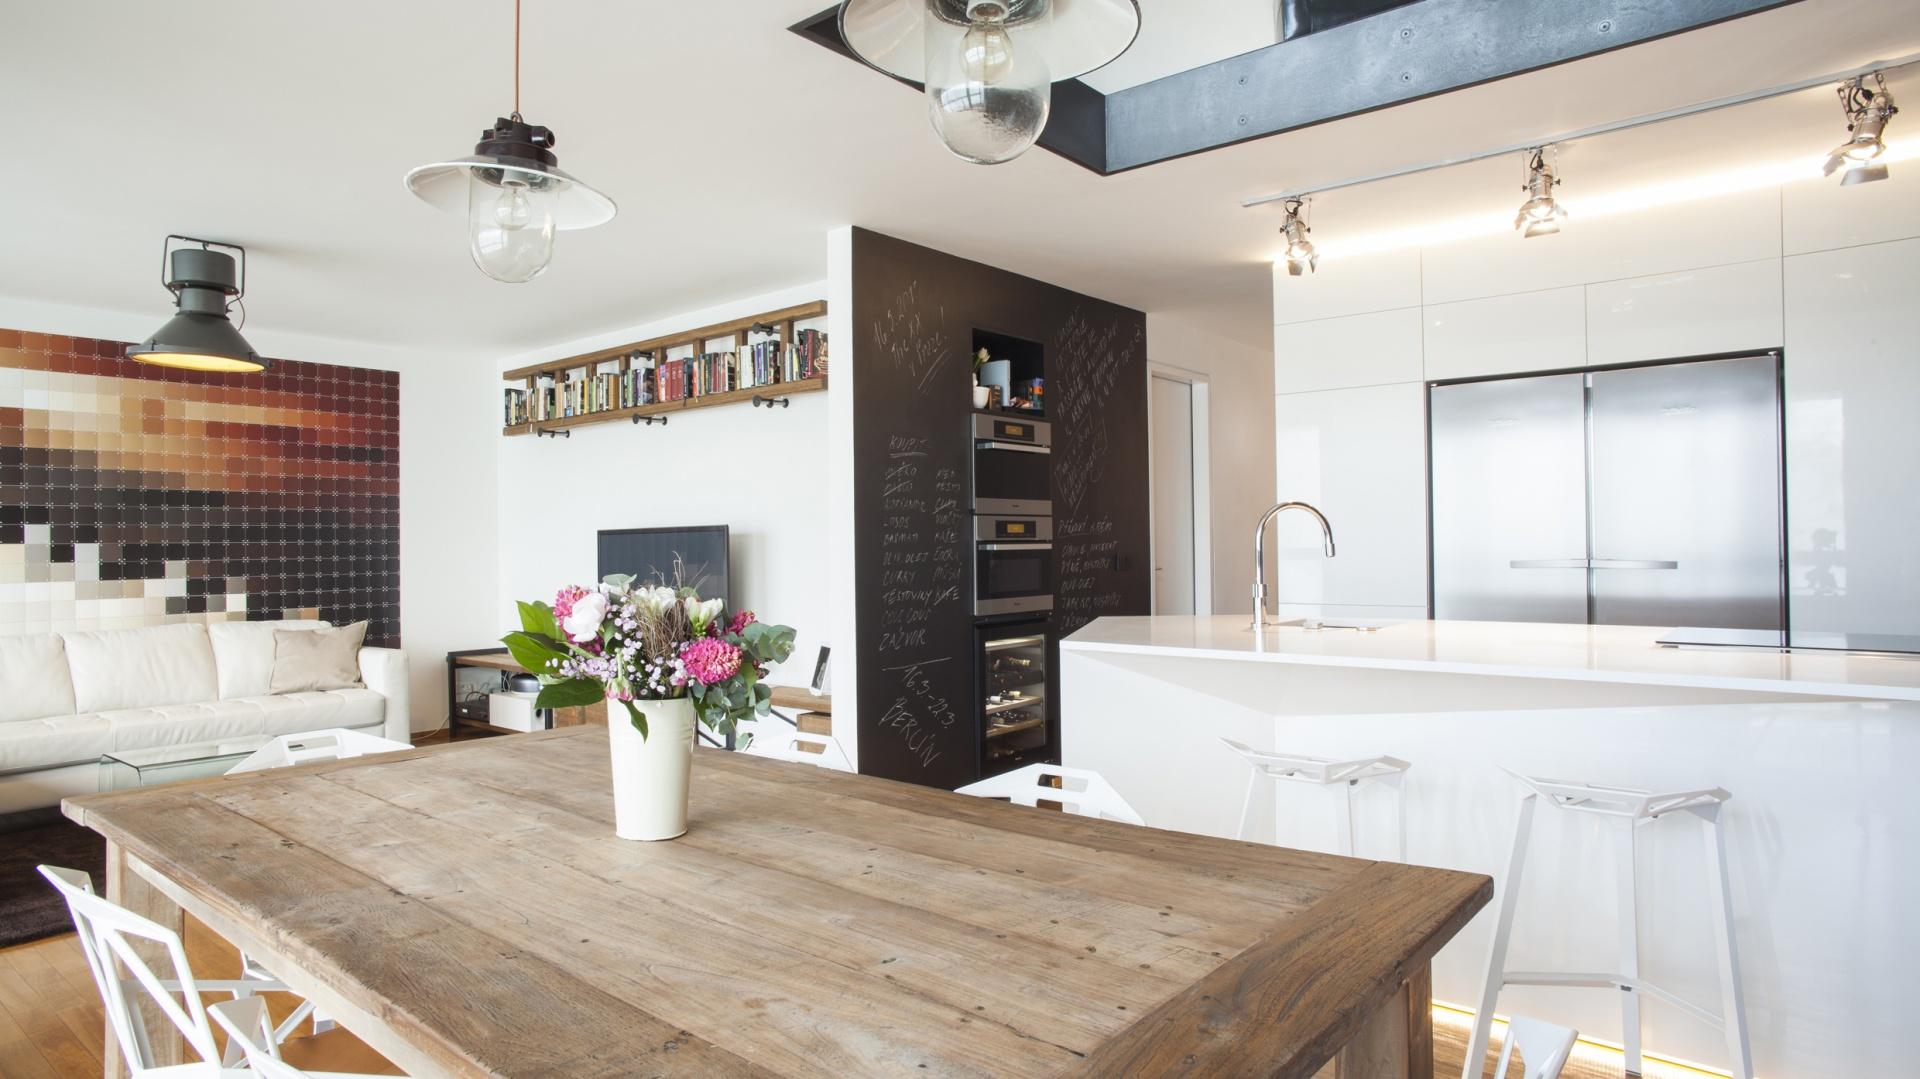 W loftową aranżację idealnie wpisują się lampy nad stołem oraz sam mebel, wykonany z surowego drewna. Projekt: Projekt: B² Architecture. Fot. Michal Šeba.